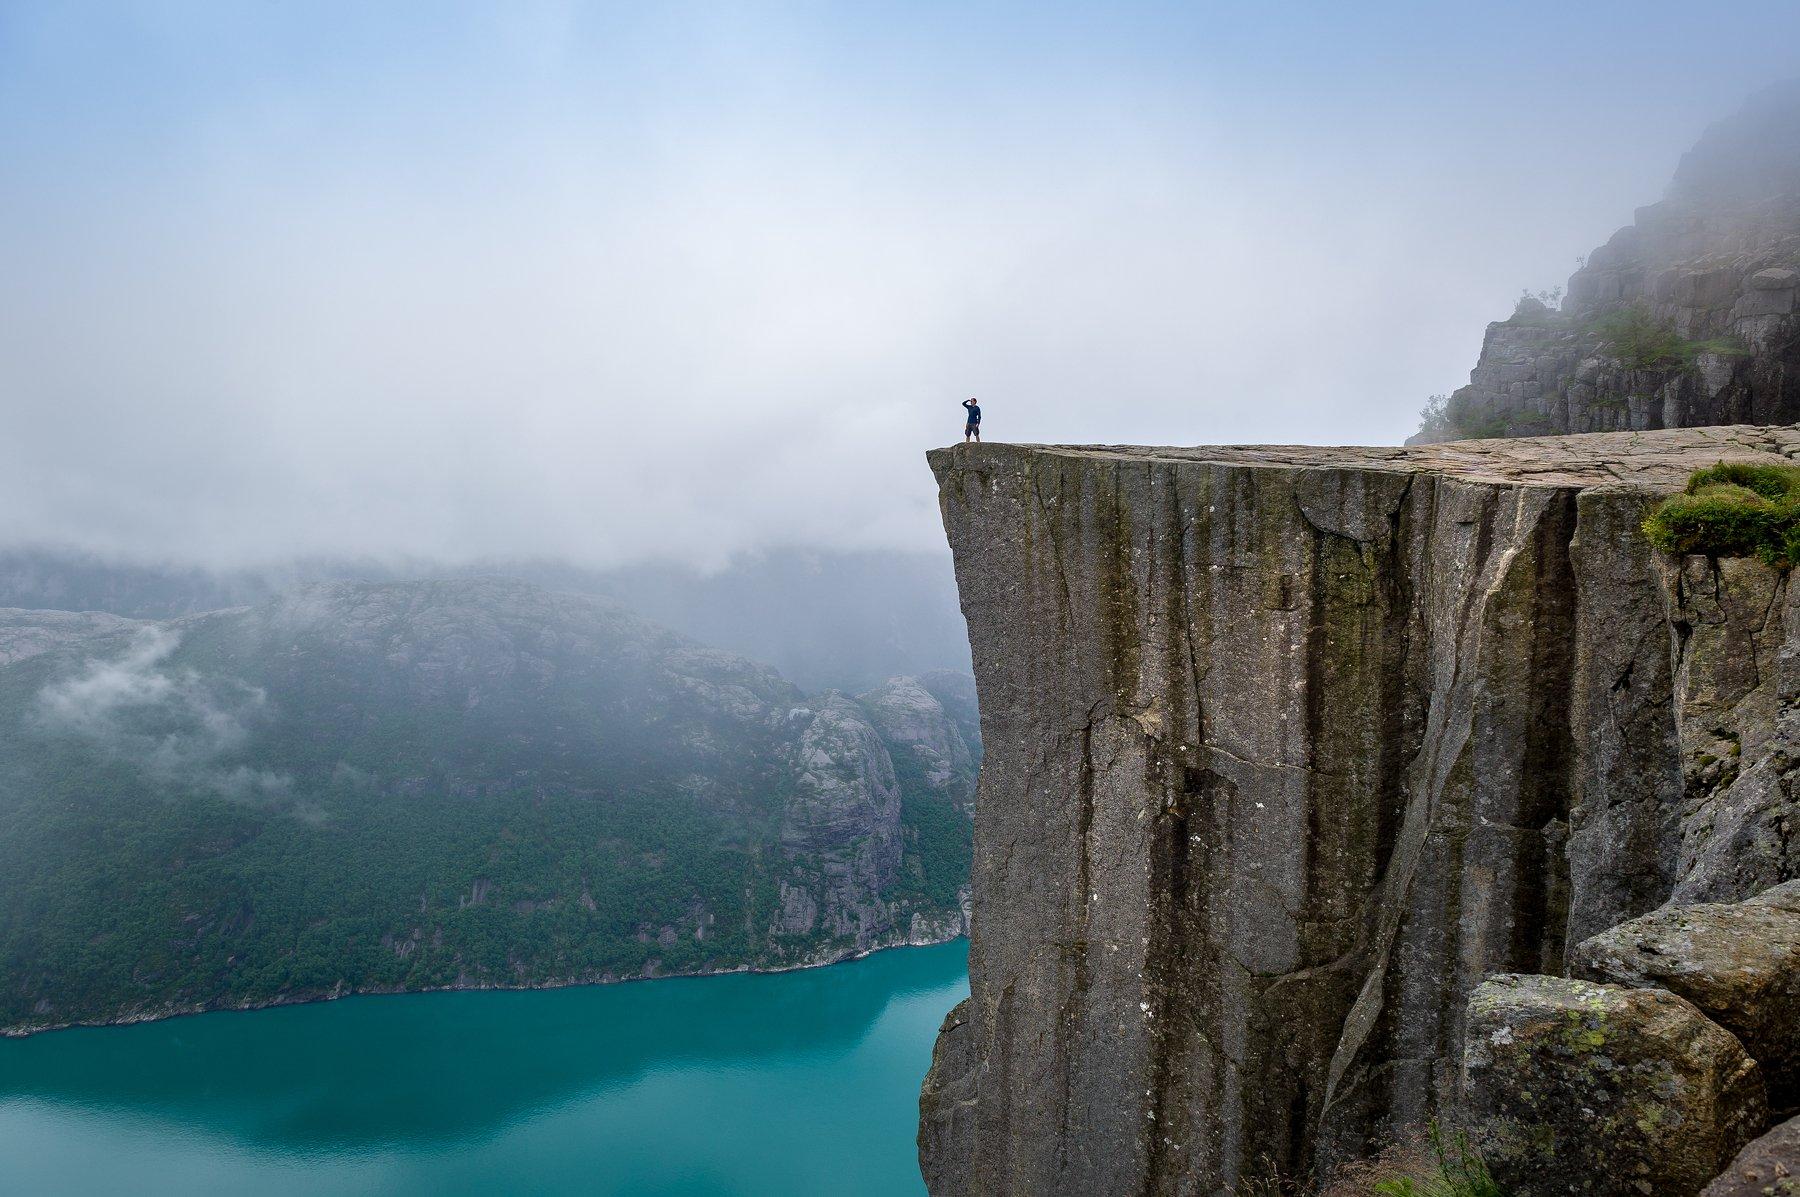 Прекестулен, скала, Норвегия, человек, турист, обрыв, опасно, пейзаж, фьорд, один, горы, туман, вода, пасмурно, путешествия, приключения, достопримечательность, NIKIFOROV ALEXANDER